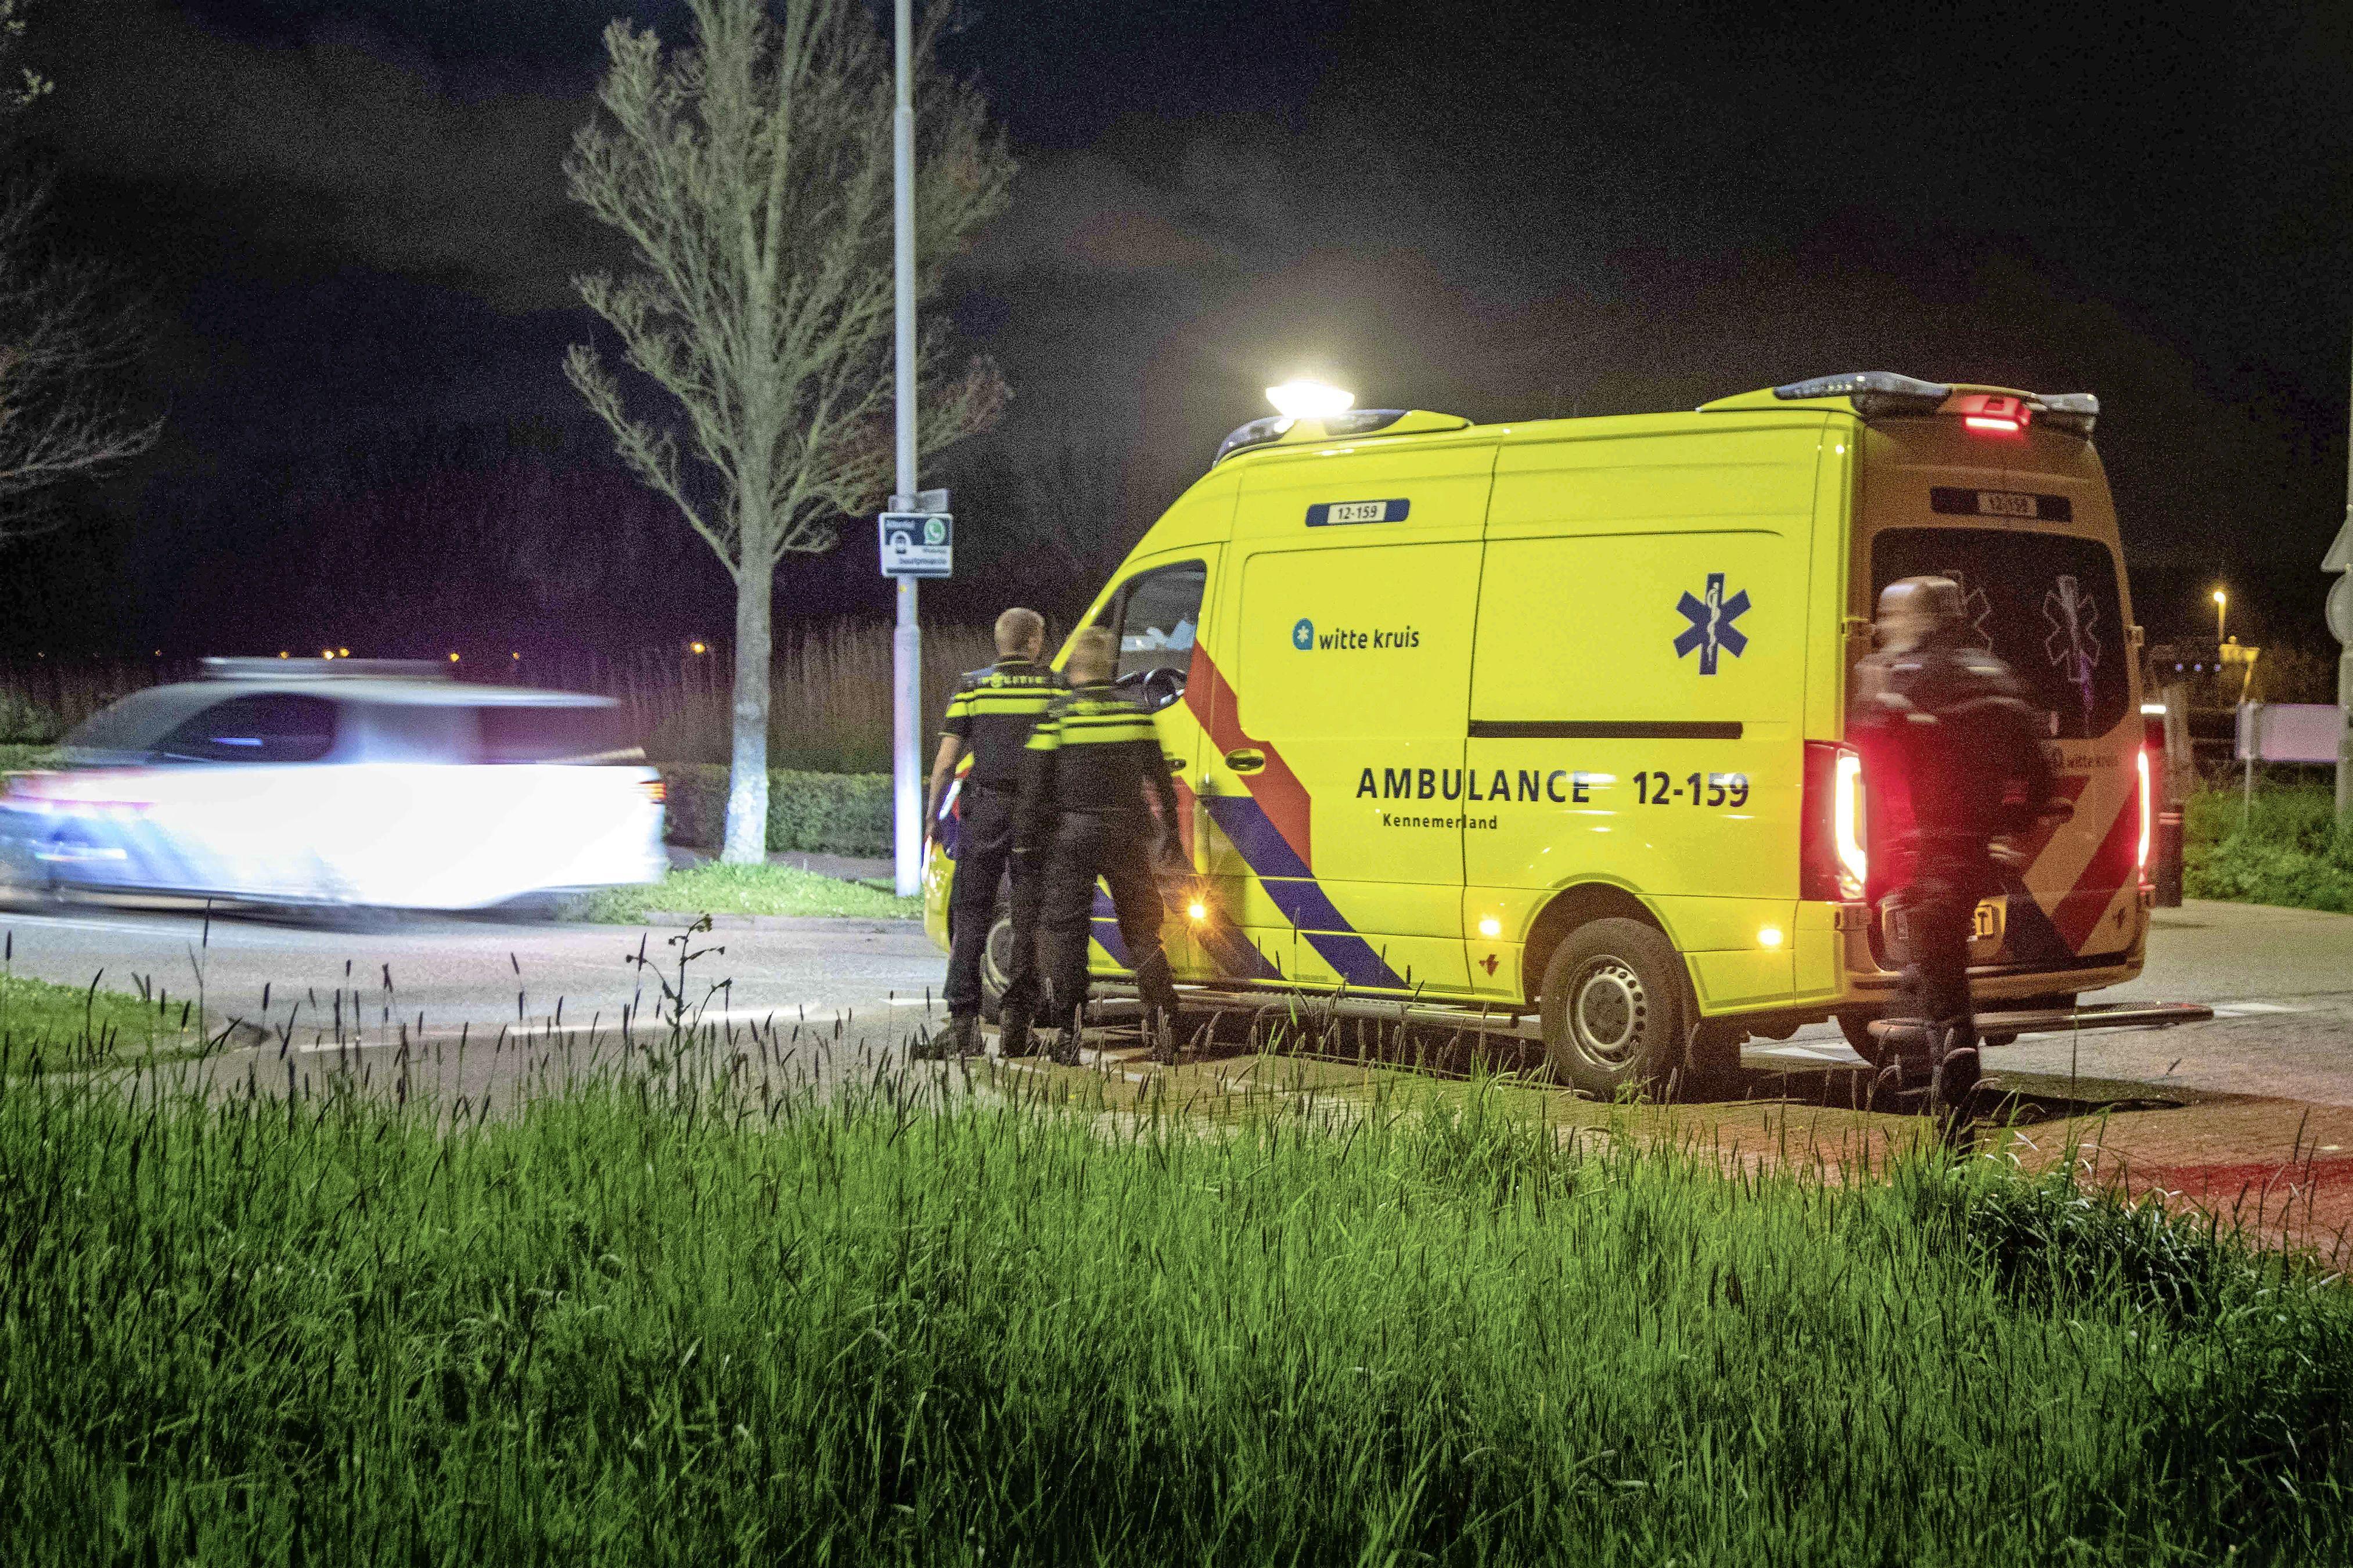 Haarlemmer (18) mishandeld en beroofd door groep jongeren in Velserbroek